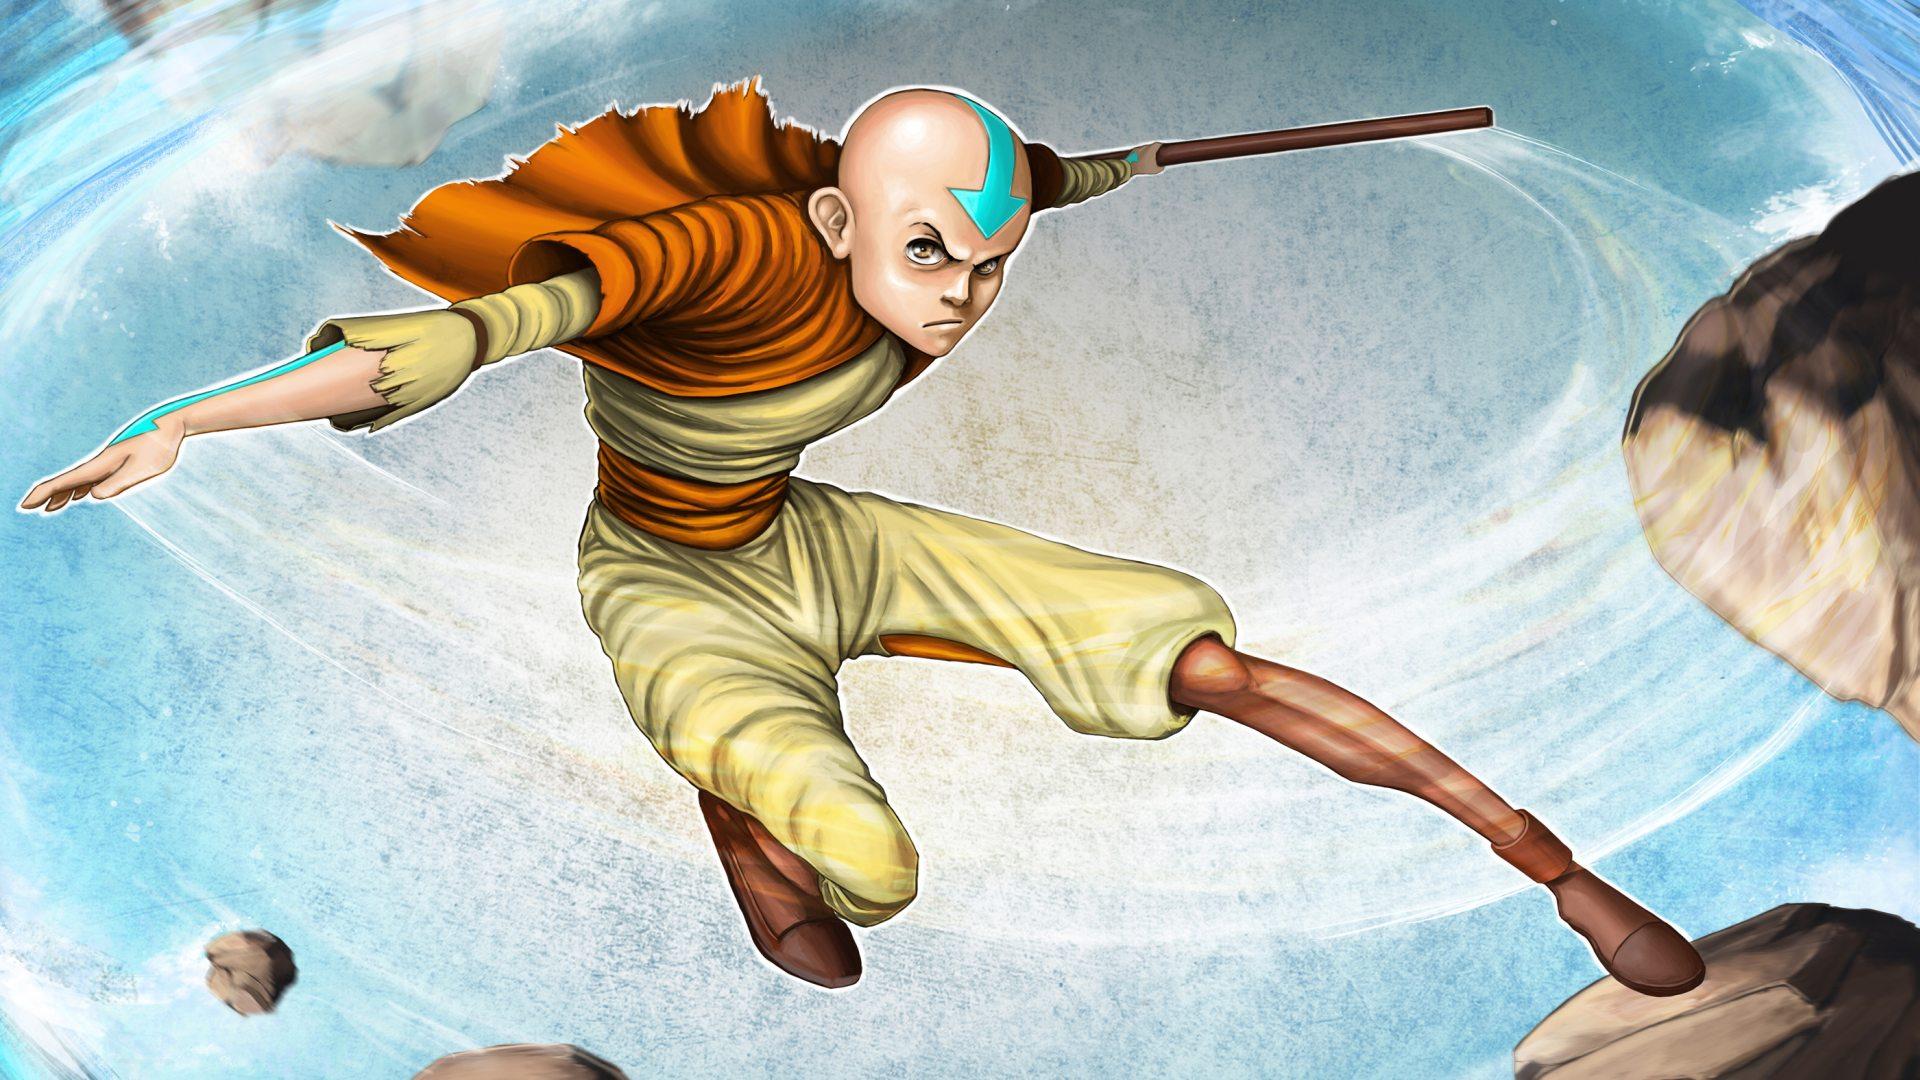 Avatar Luftbändiger